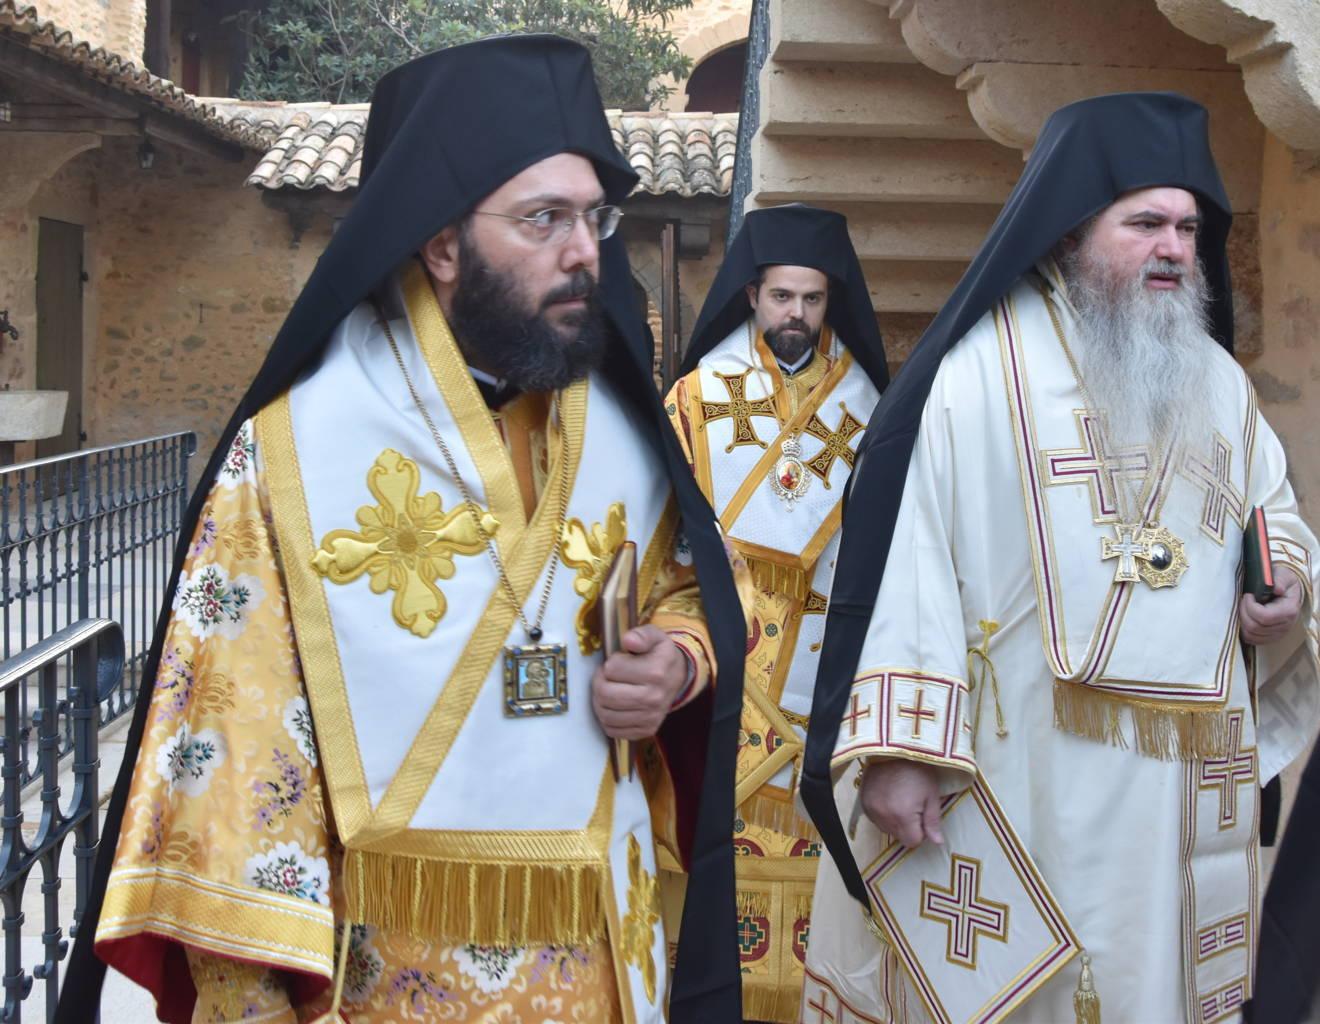 DSC 0461 - Λαμπρά εγκαίνια του Καθολικού της Ι. Μονής Αγίας Σκέπης Σολάν